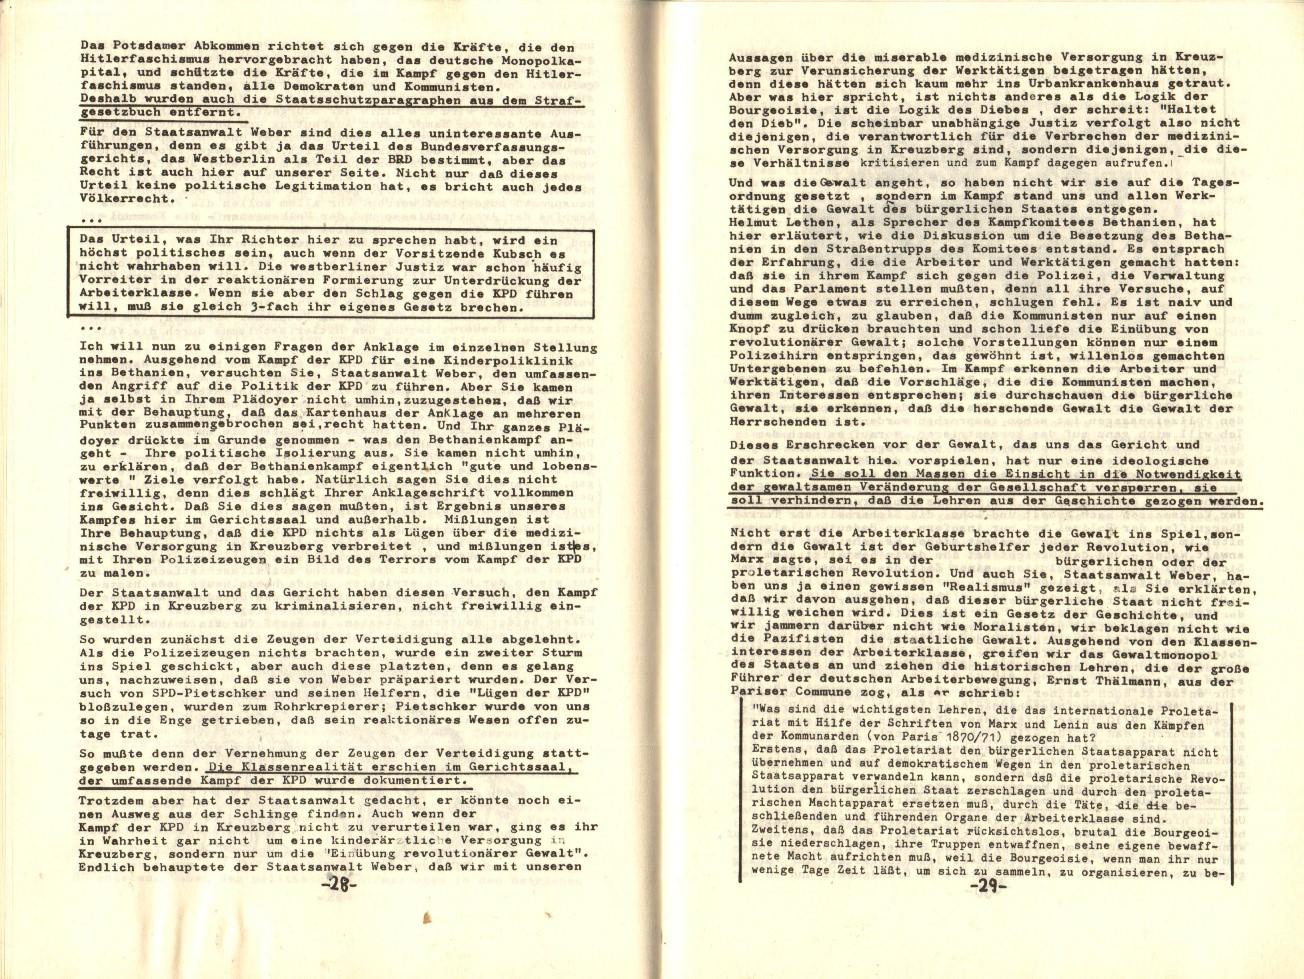 Berlin_KPD_1976_Staatsschutzprozess02_16